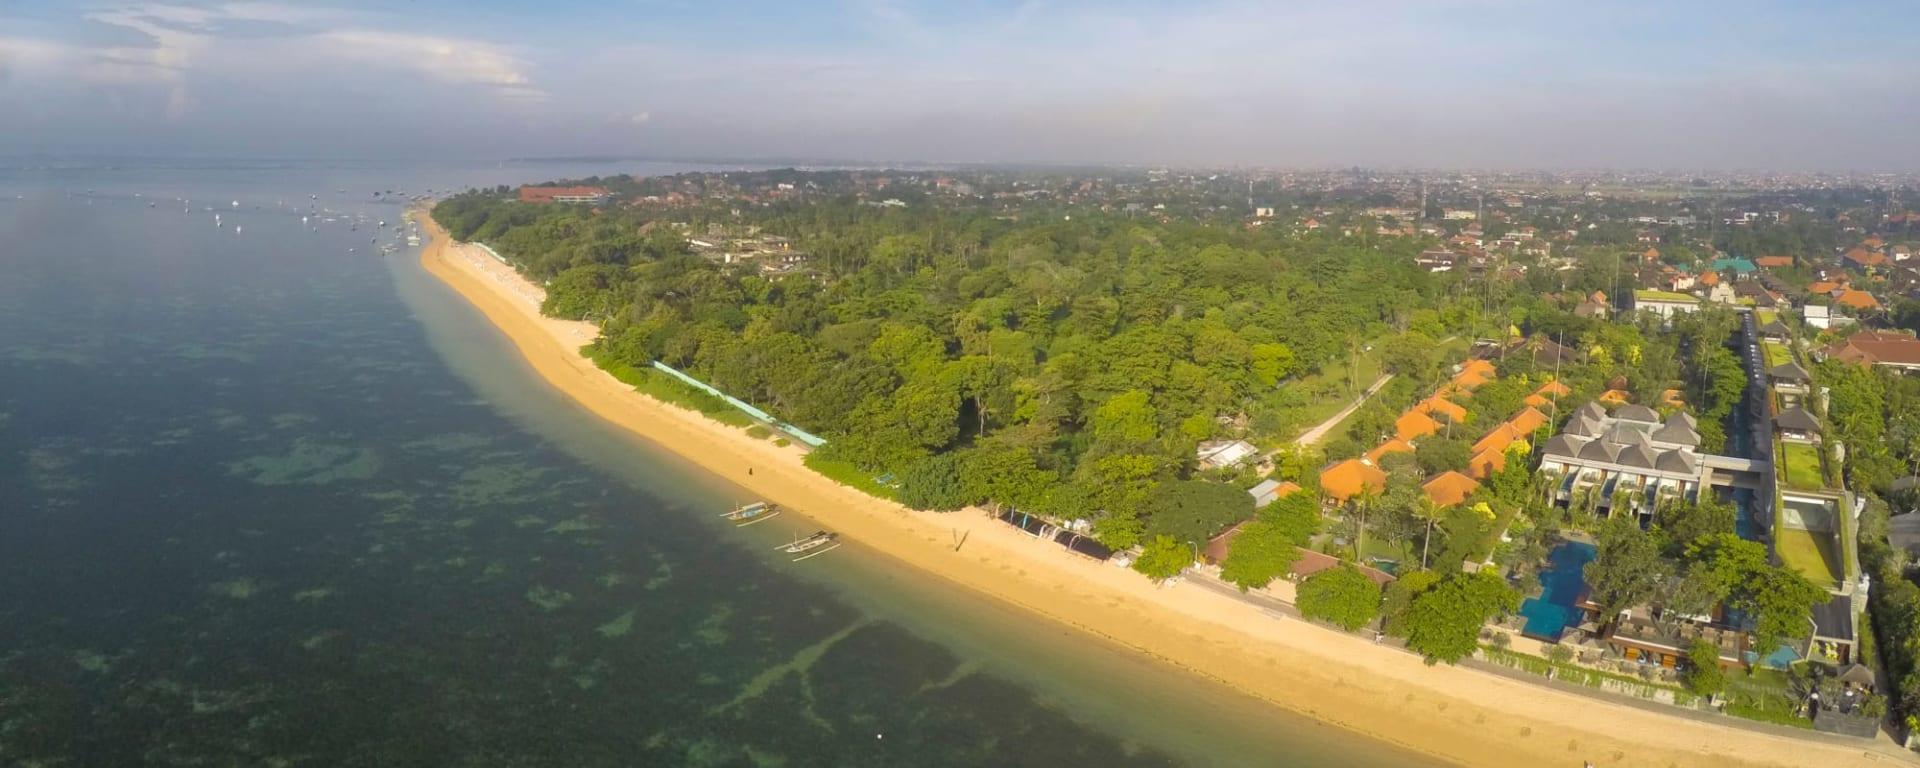 Maya Sanur Resort & Spa in Süd-Bali: Maya Sanur Resort and Spa